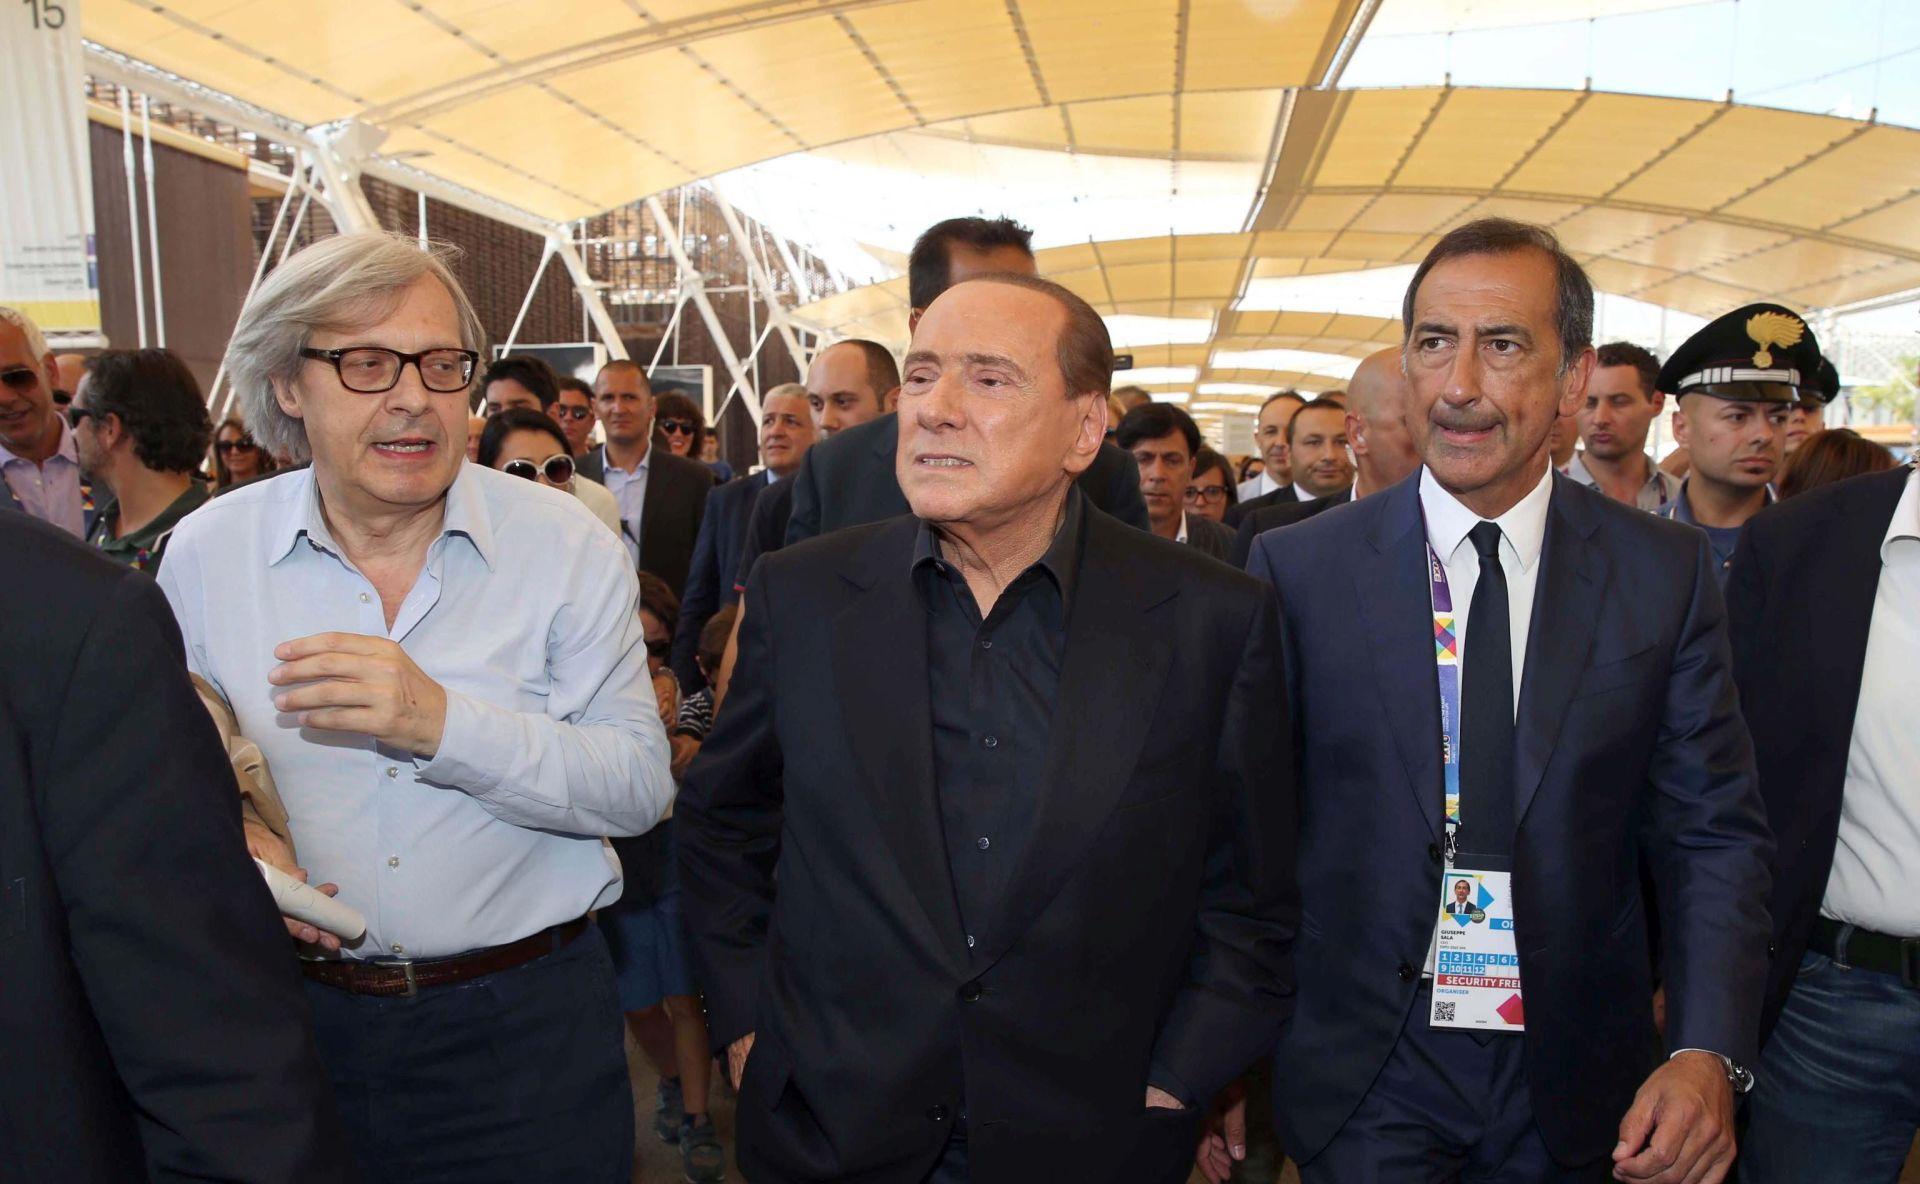 MILAN TRENUTNO OSMI Berlusconi: Vjerujem li još uvijek u Mihajlovića? Naravno